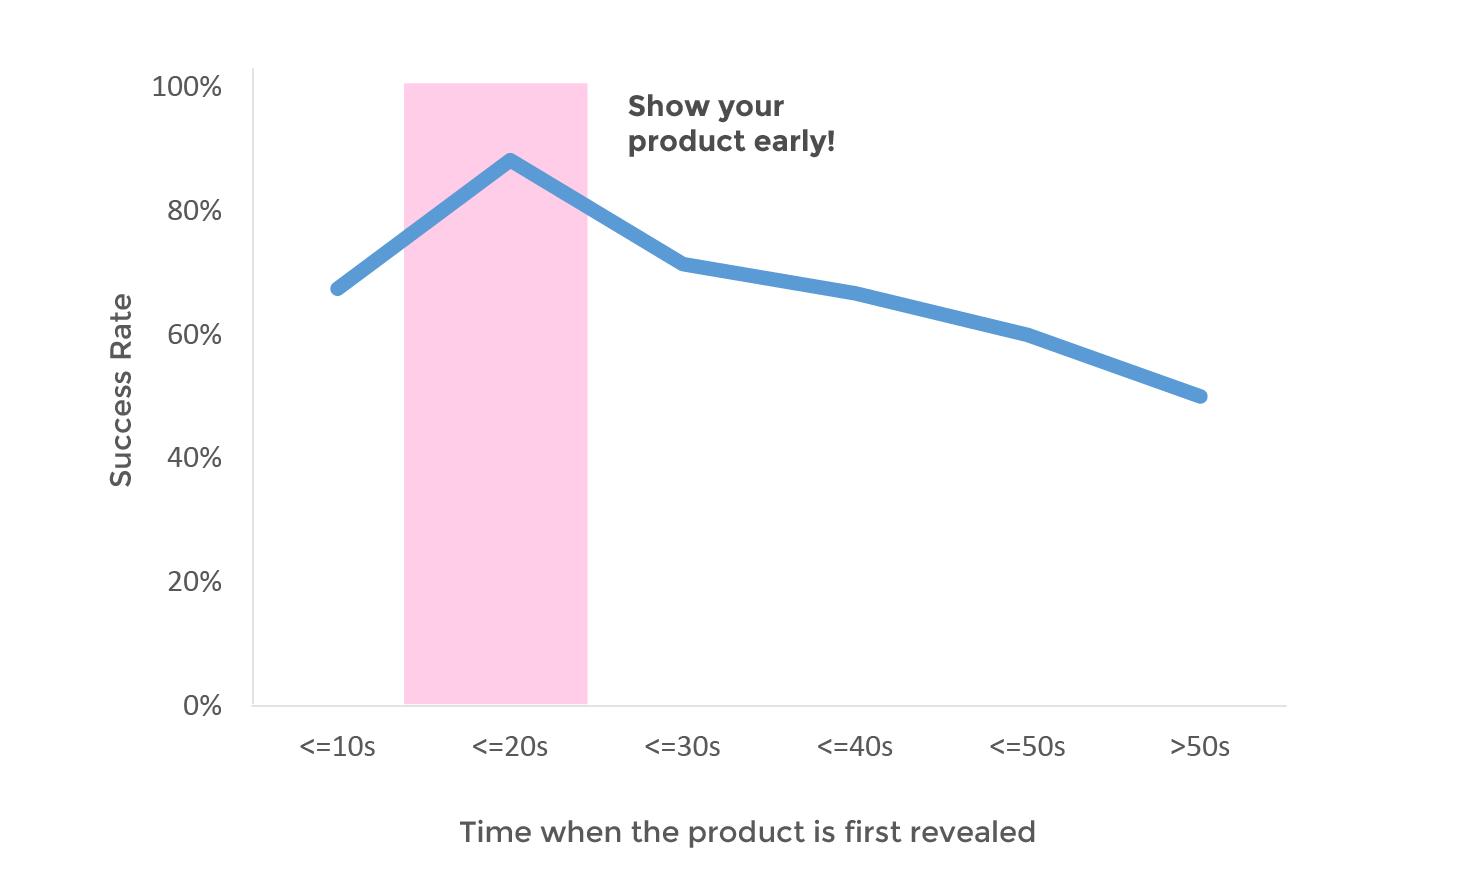 尽早展示您的产品!